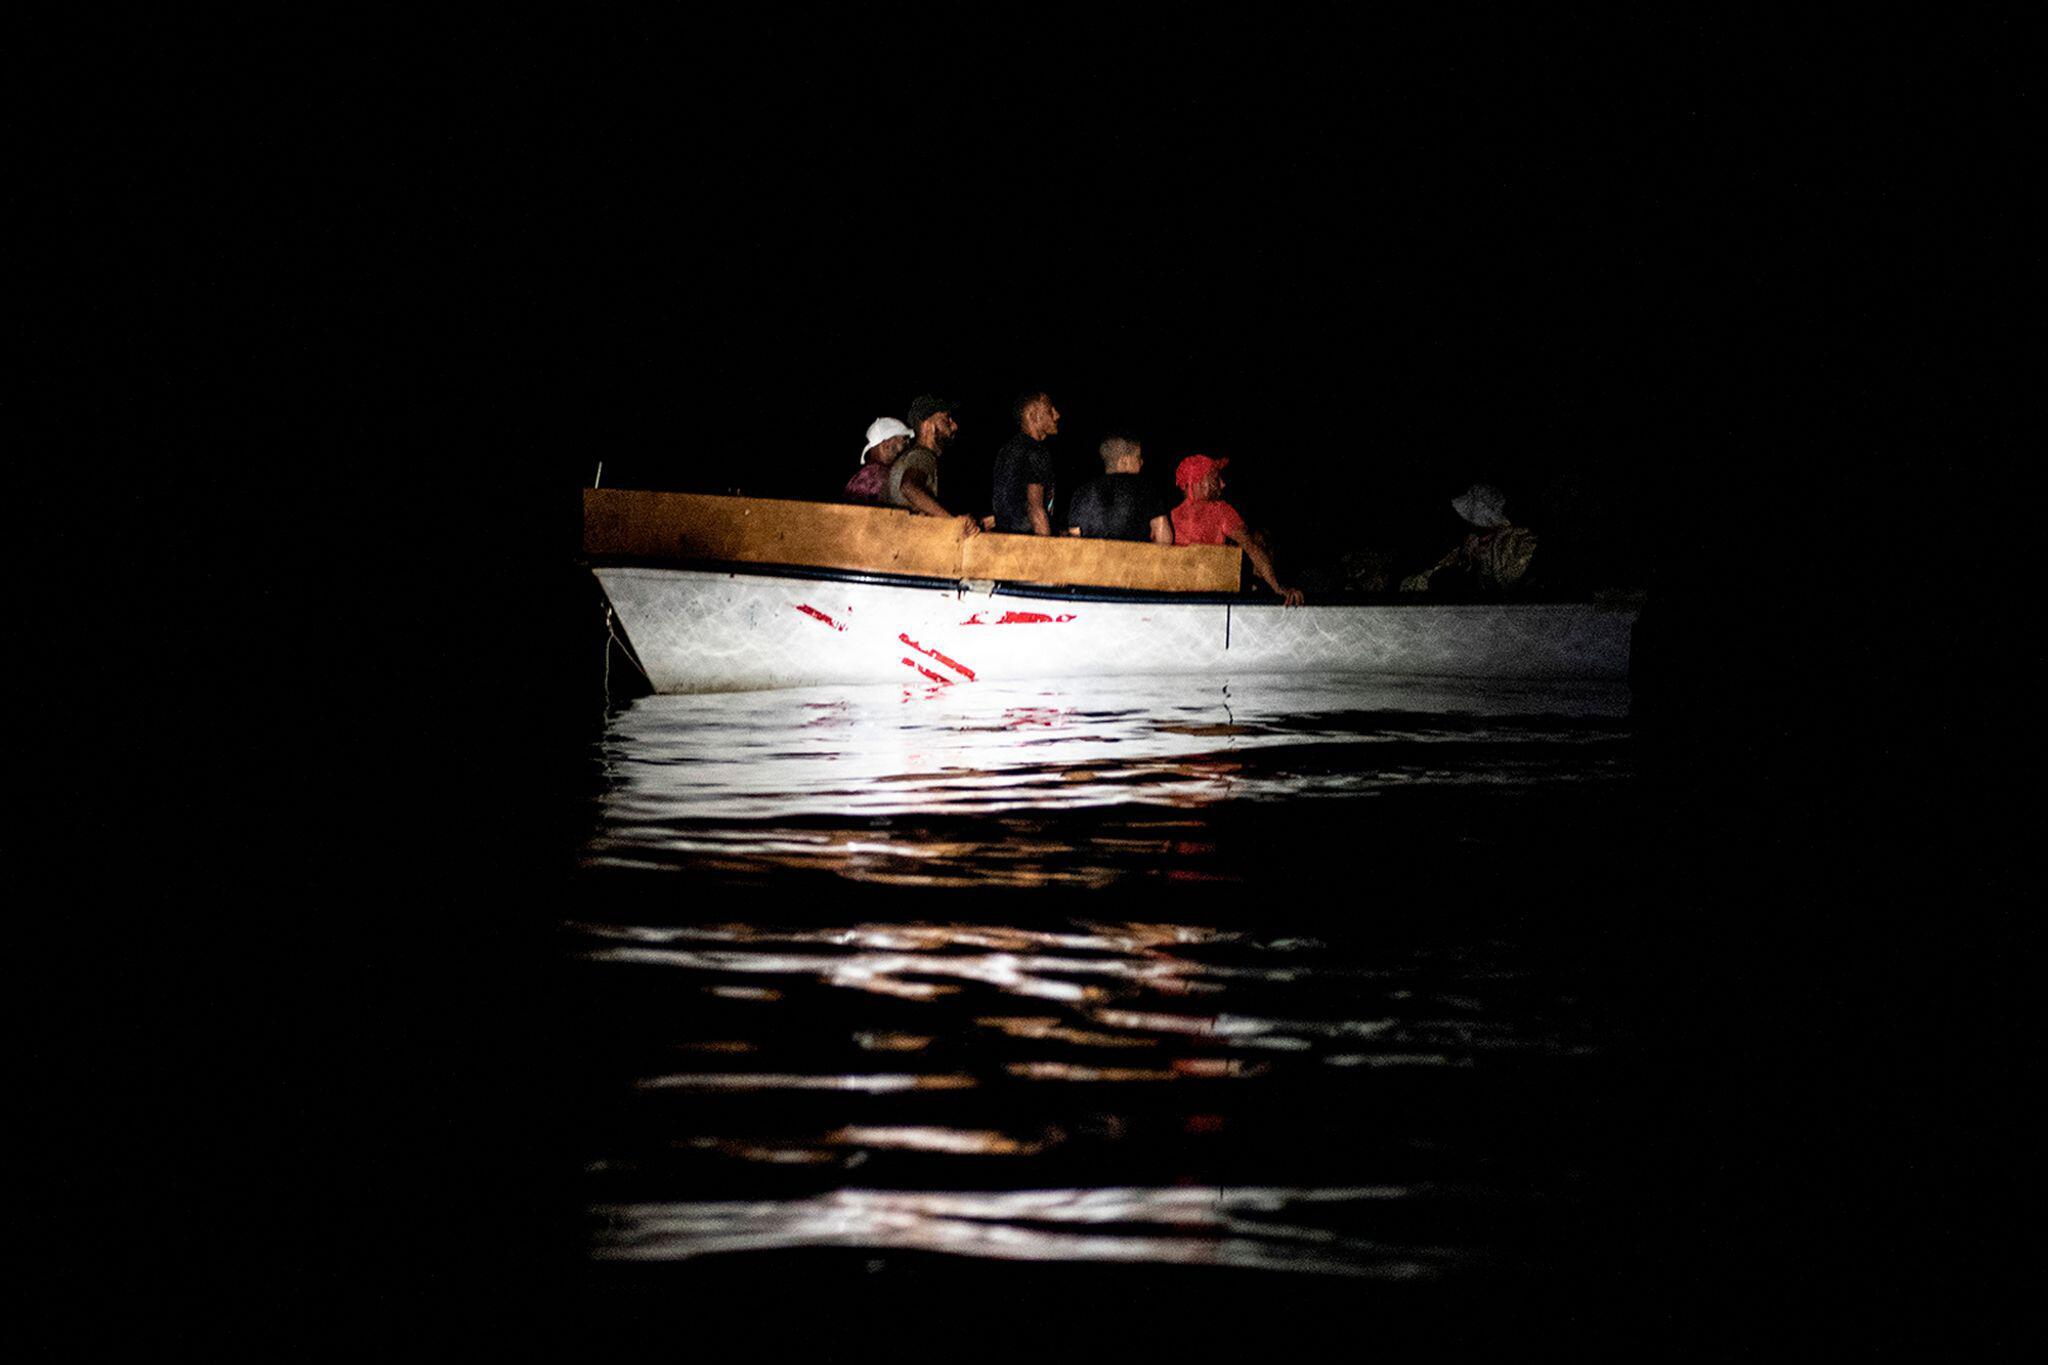 Ocean Viking ruft nach Suizidversuchen Notstand aus | BR24